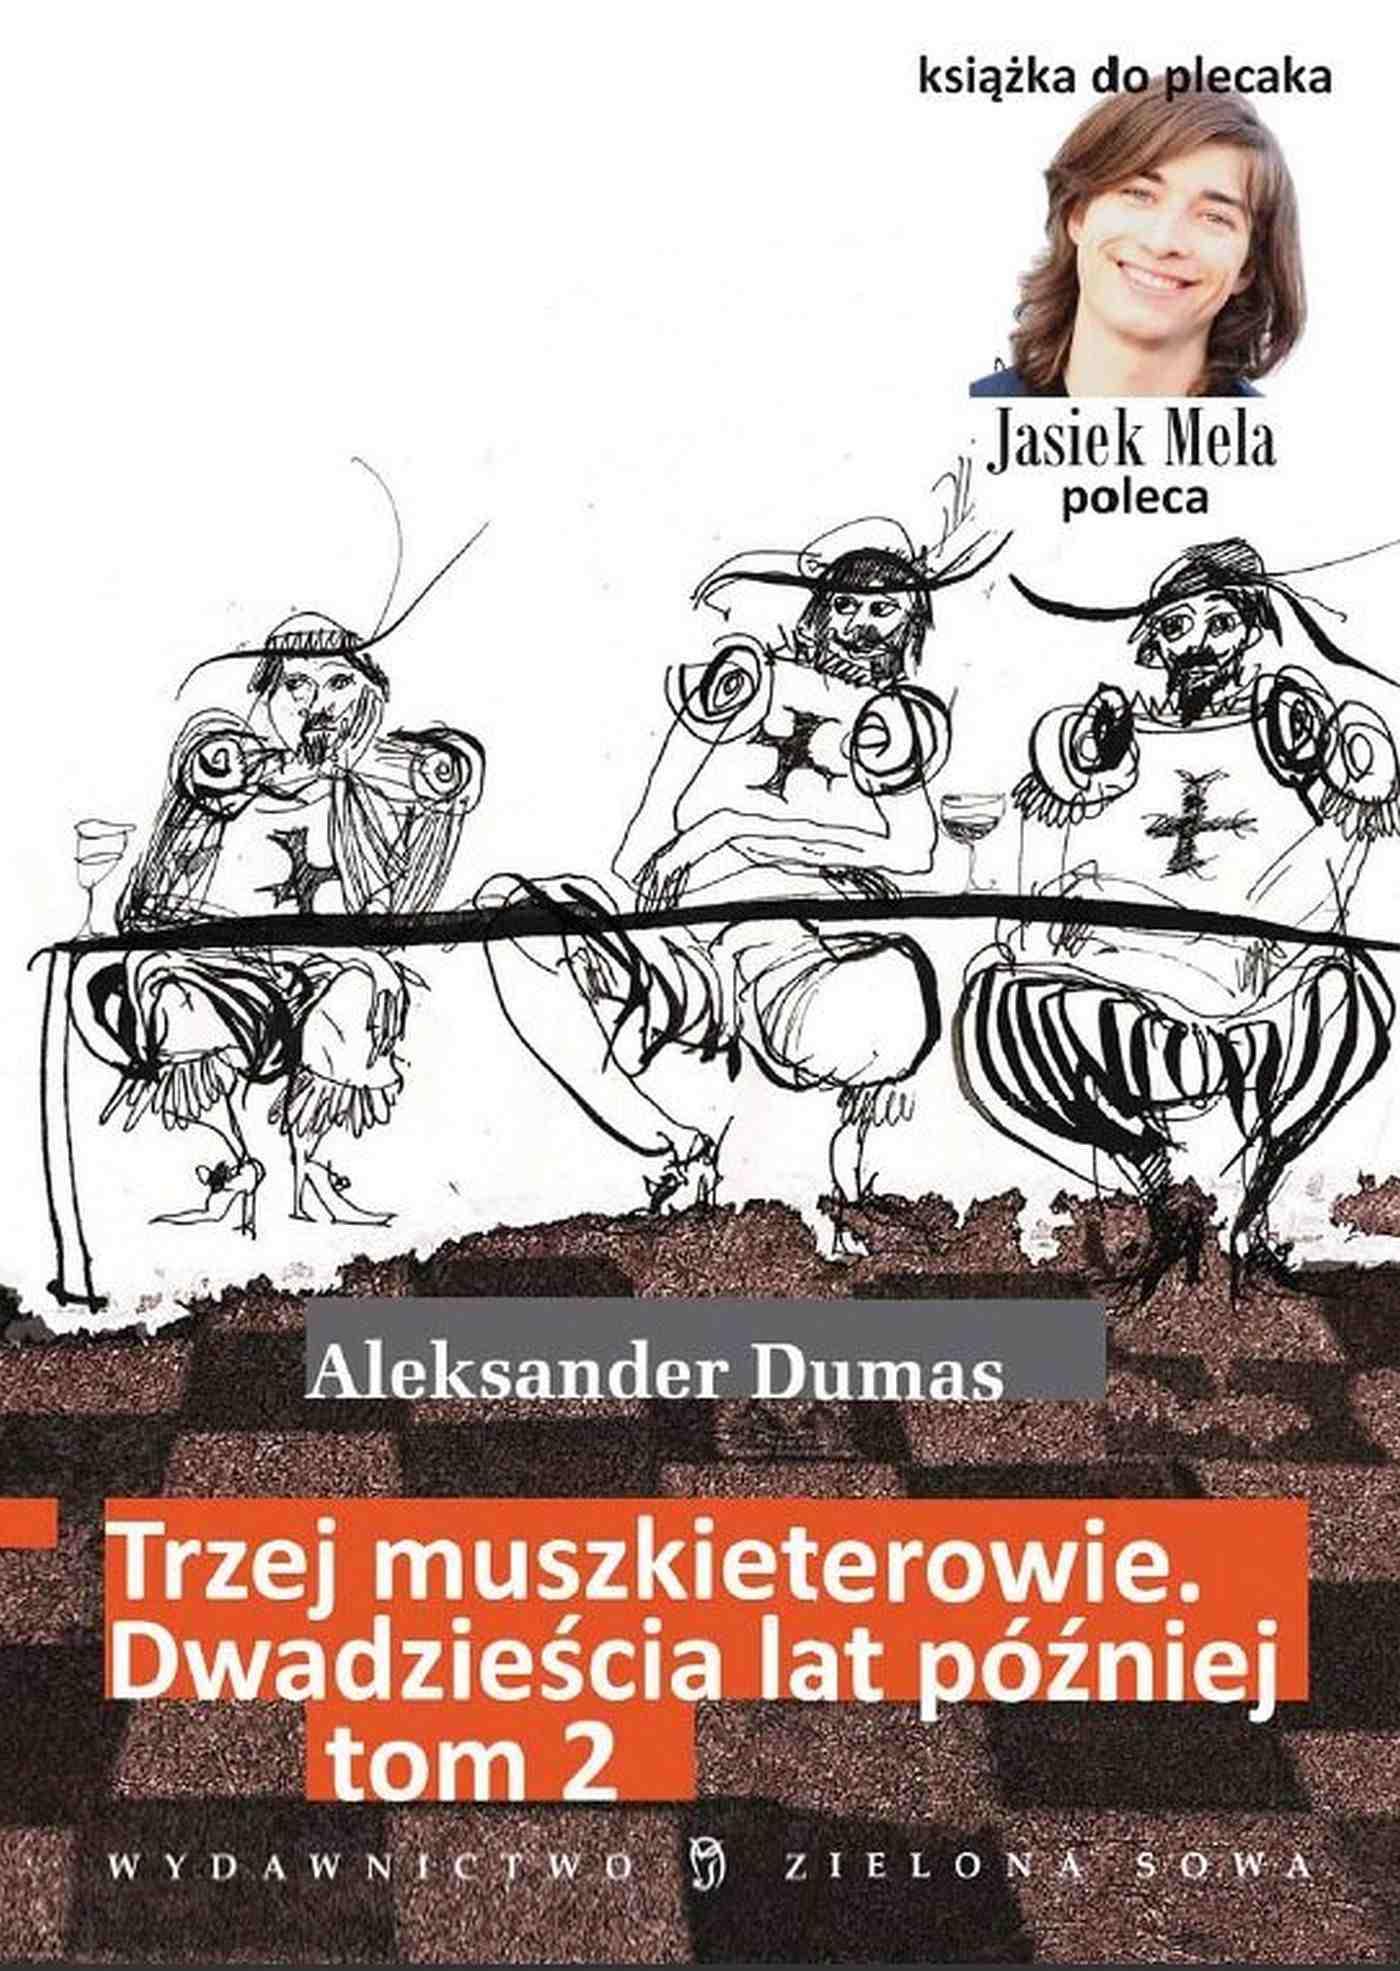 Trzej muszkieterowie. 20 lat później. Tom II - Ebook (Książka EPUB) do pobrania w formacie EPUB